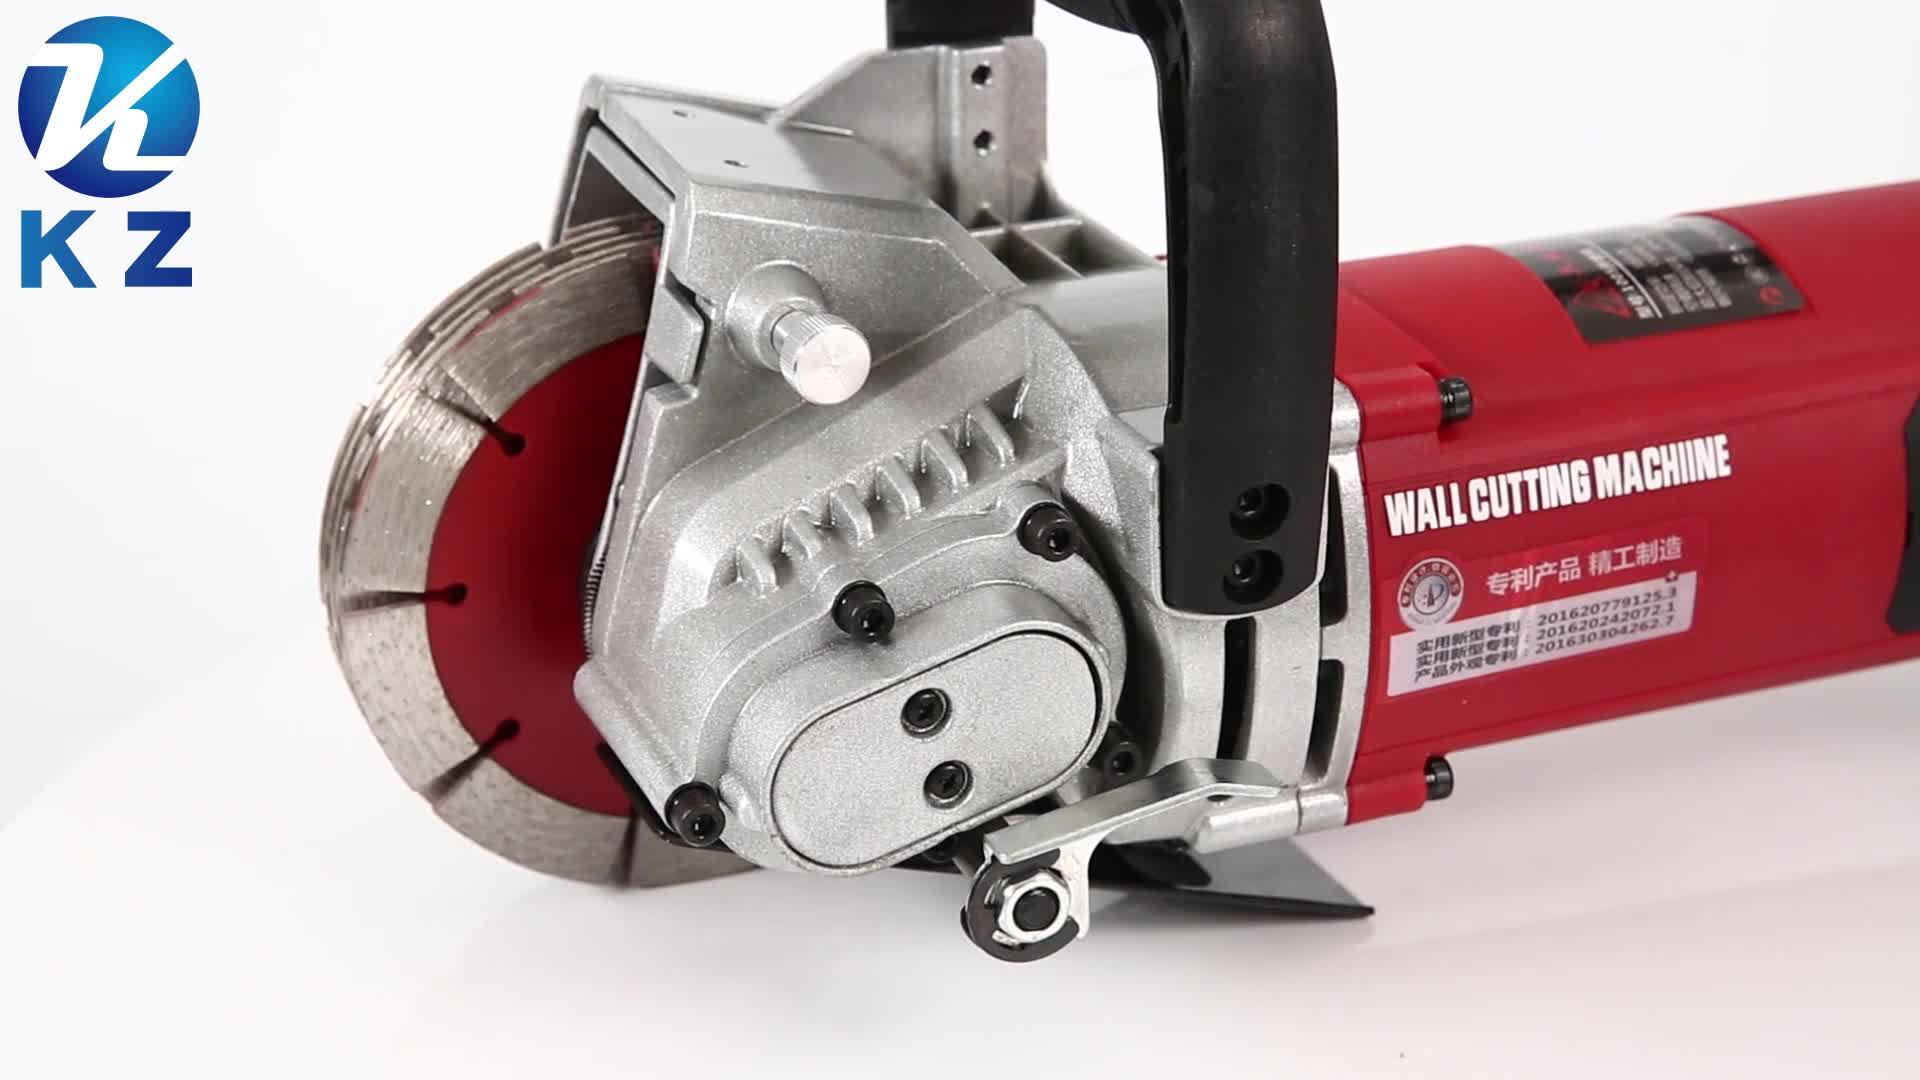 Máquina de ranurado y ranurado de pared de ladrillos de hormigón cincel de corte ranurado máquina de ranurado de pared herramientas eléctricas